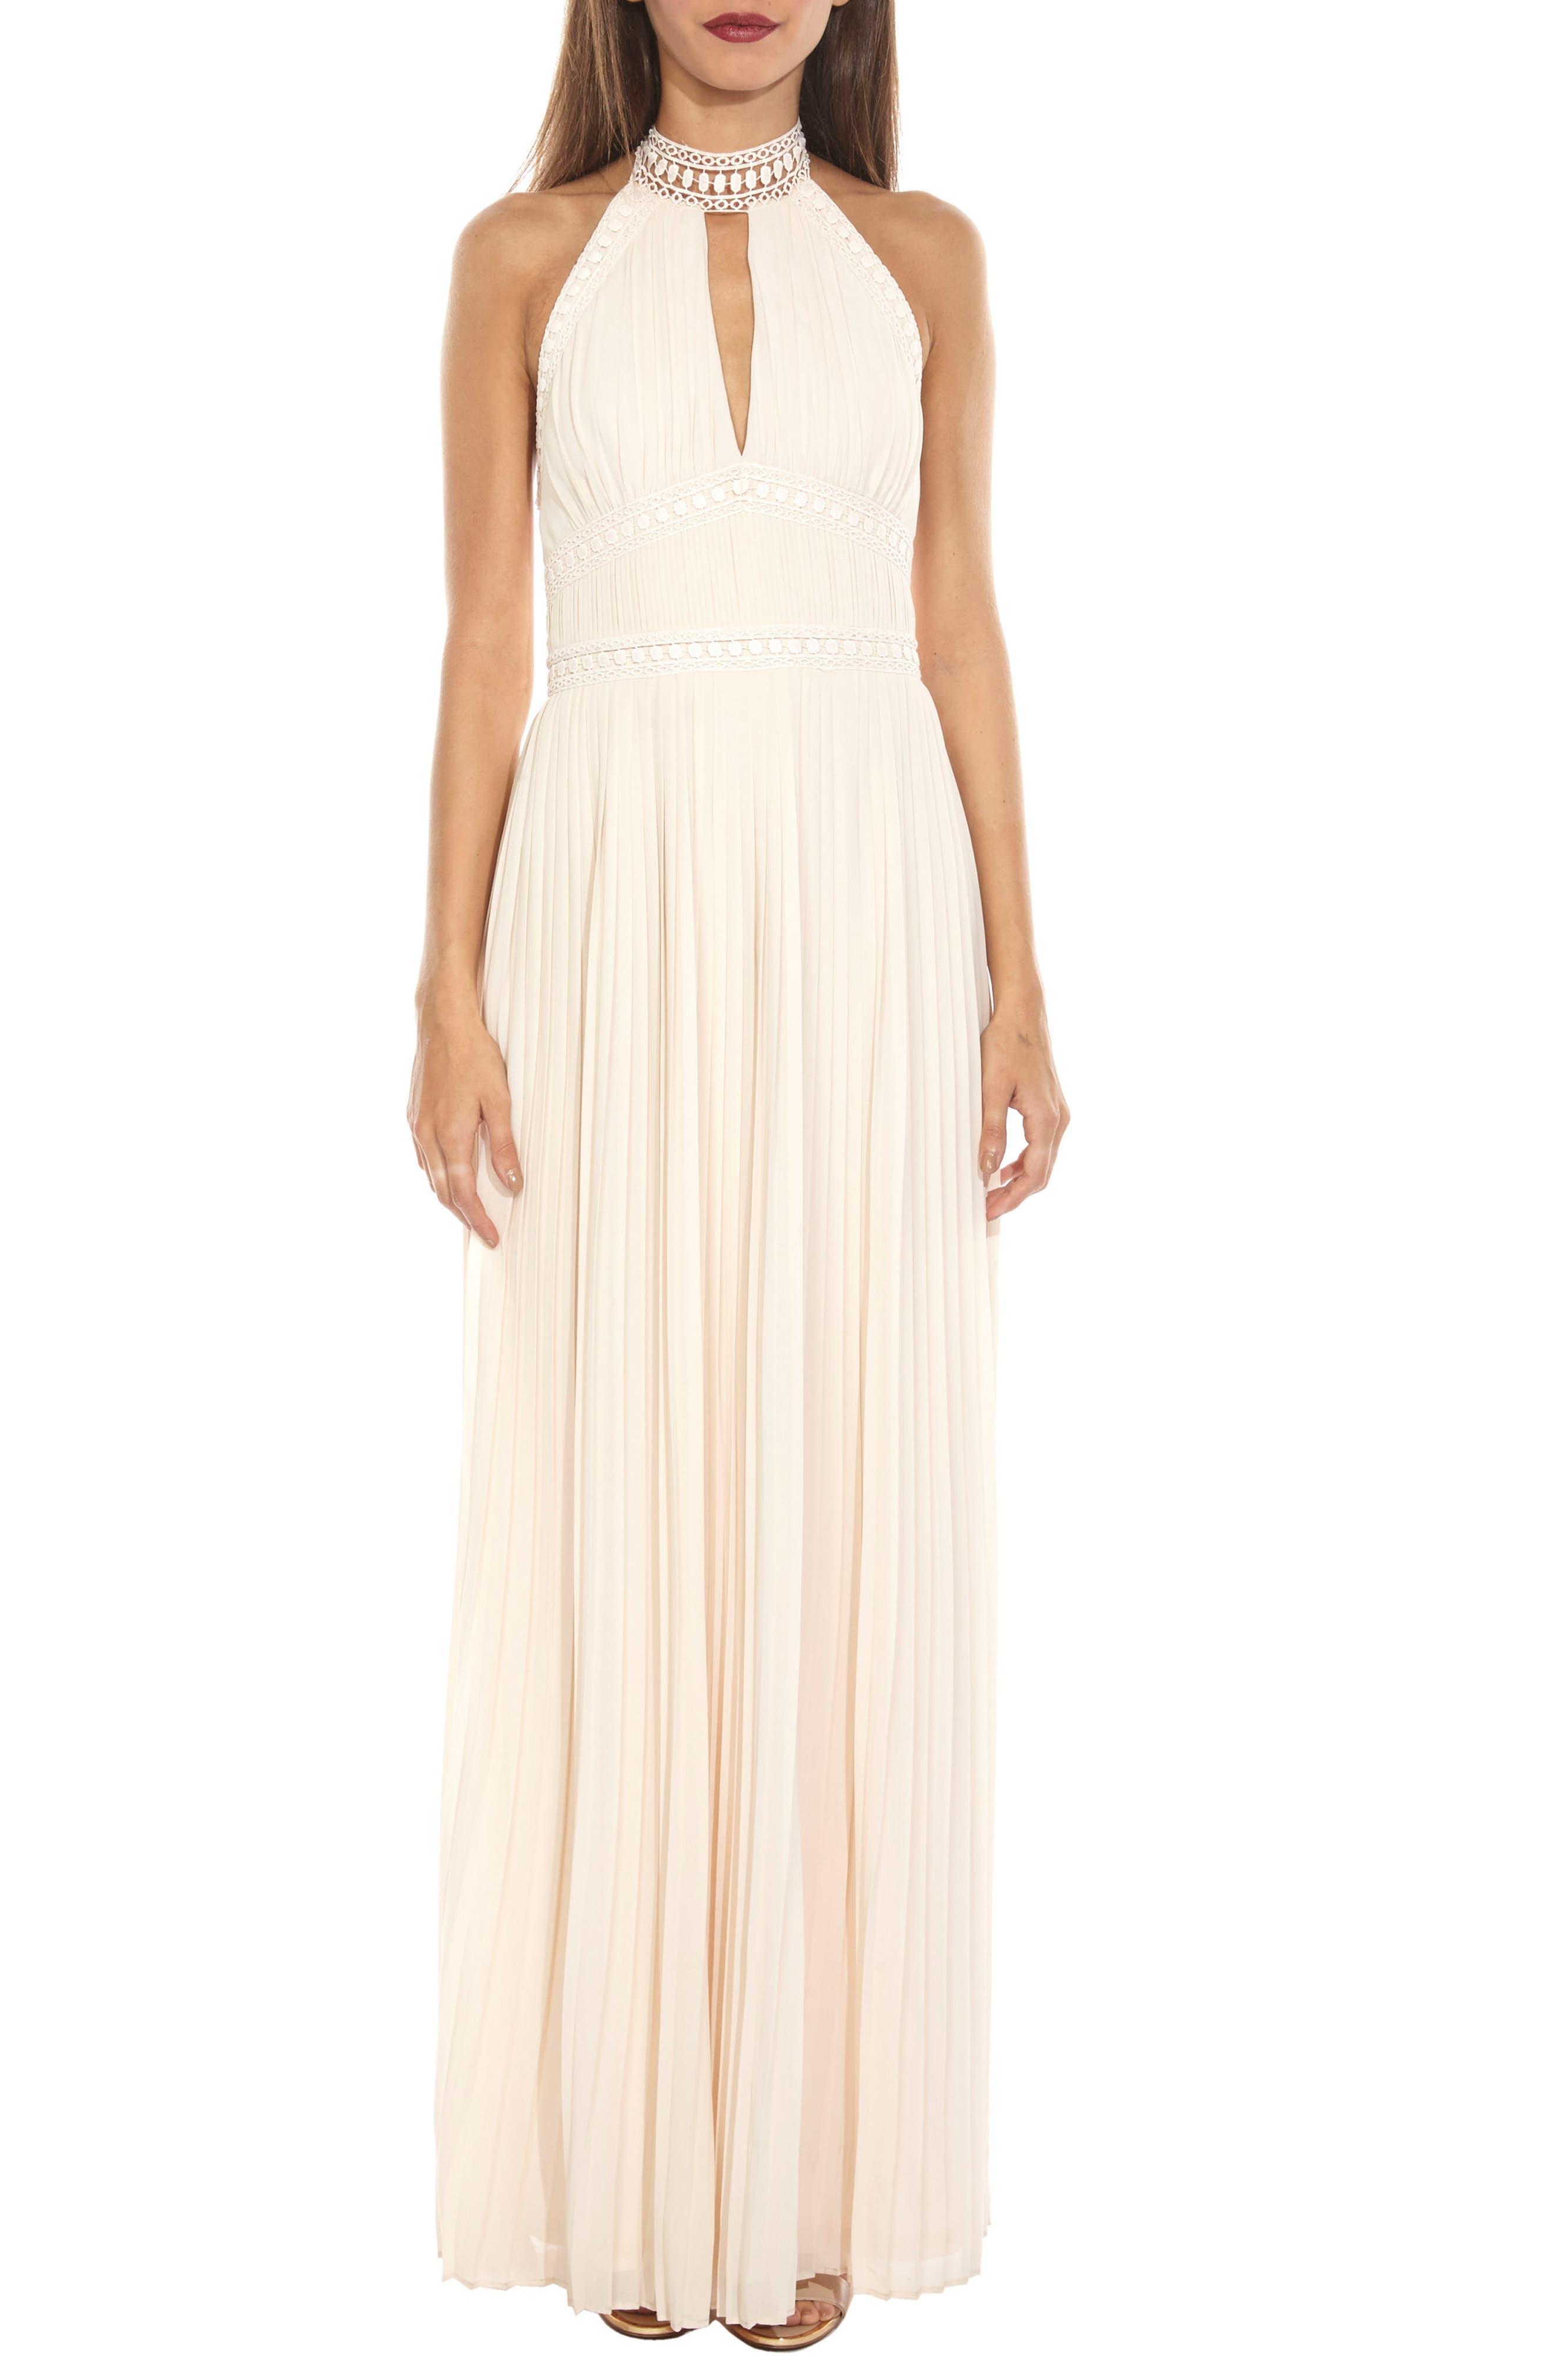 Corinne Lace Trim Halter Maxi Dress,                         Main,                         color, Nude